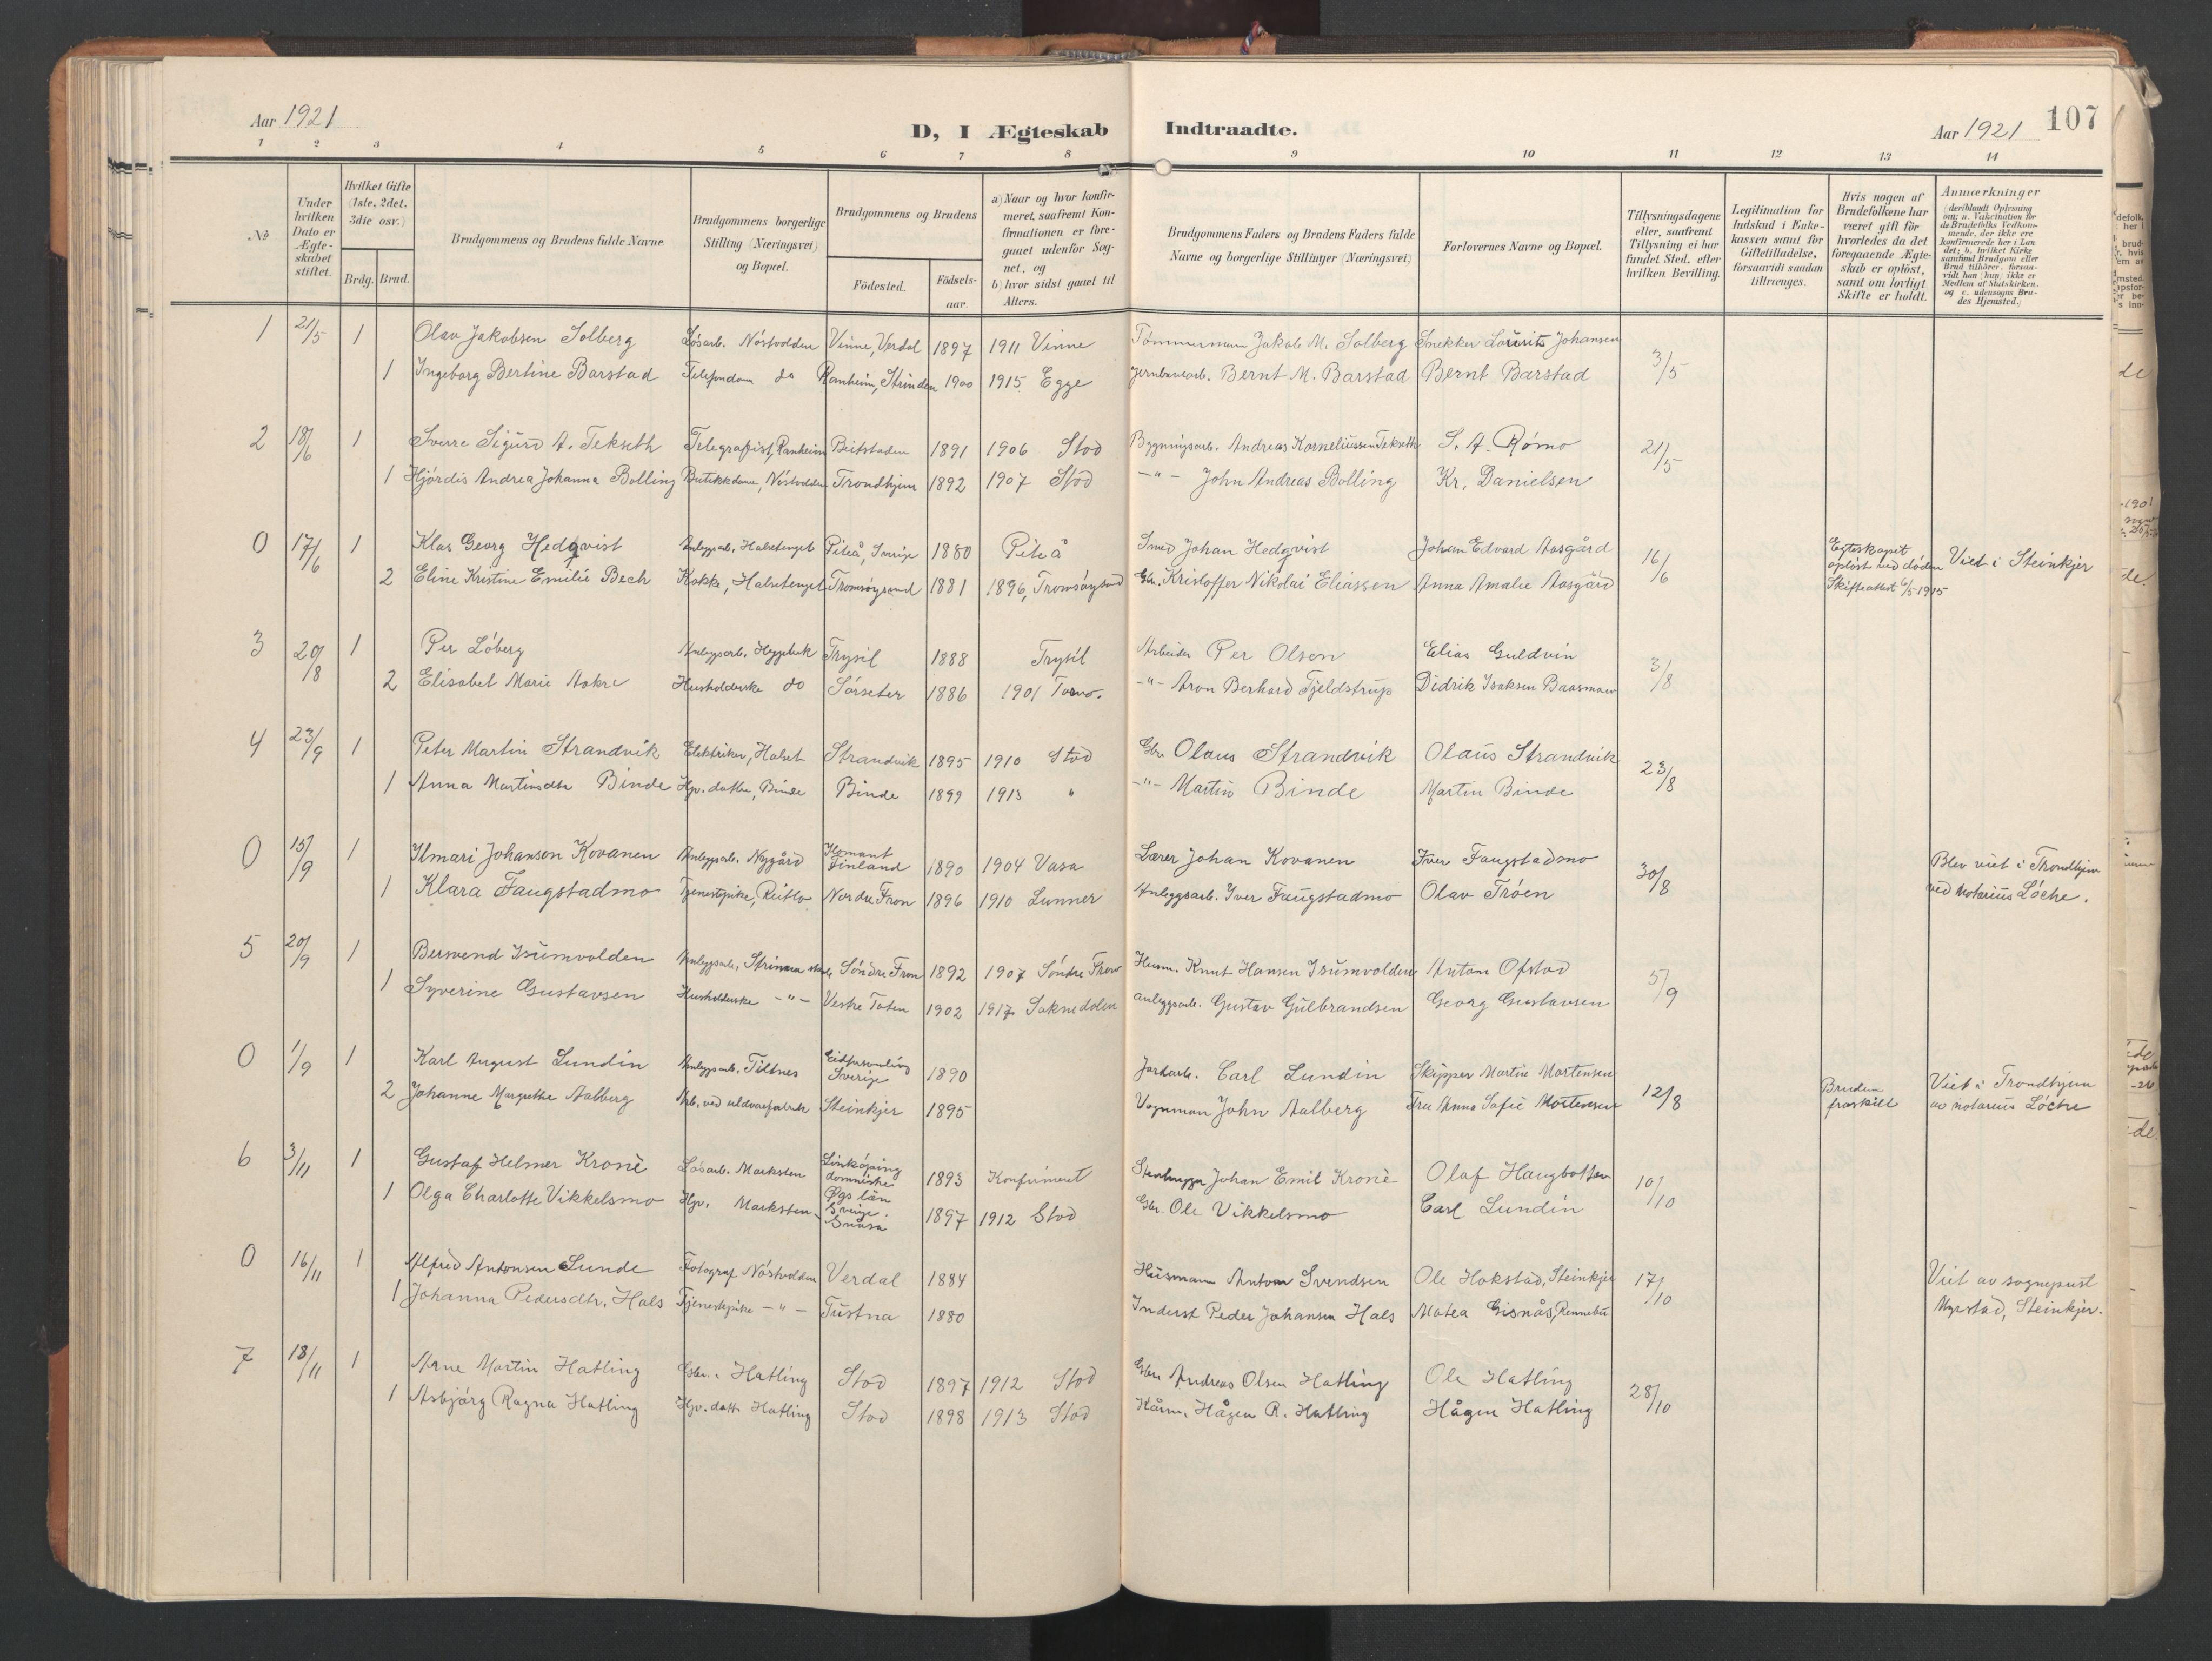 SAT, Ministerialprotokoller, klokkerbøker og fødselsregistre - Nord-Trøndelag, 746/L0455: Klokkerbok nr. 746C01, 1908-1933, s. 107